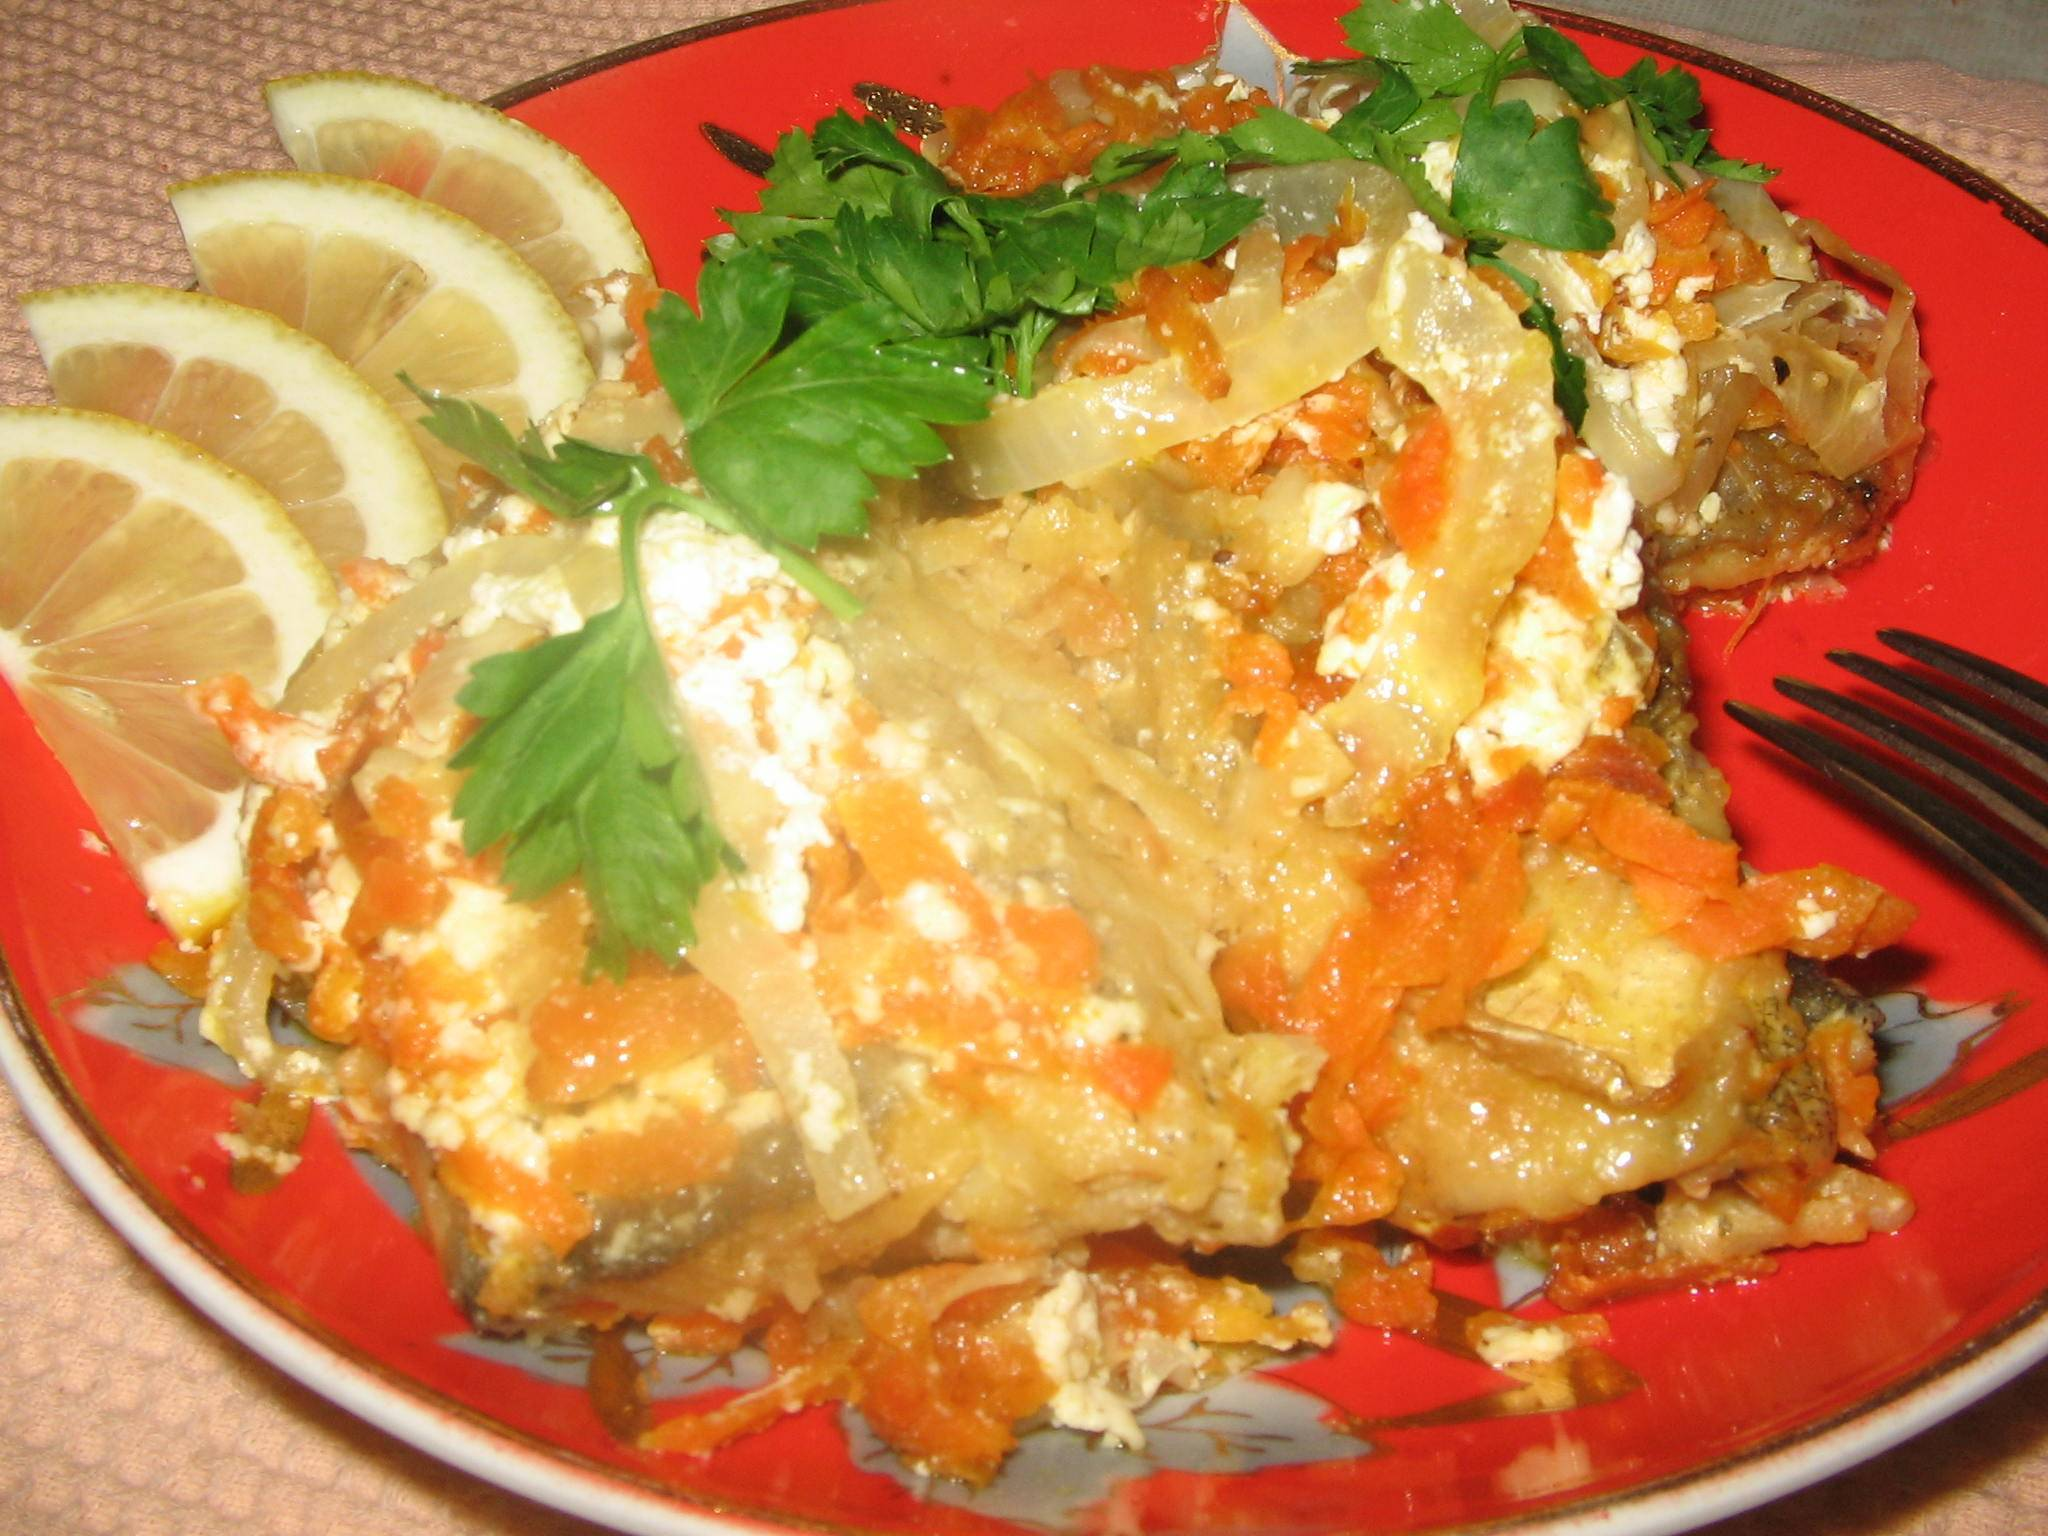 Щука, приготовленная в духовке — фаршированная овощами, грибами и другими продуктами